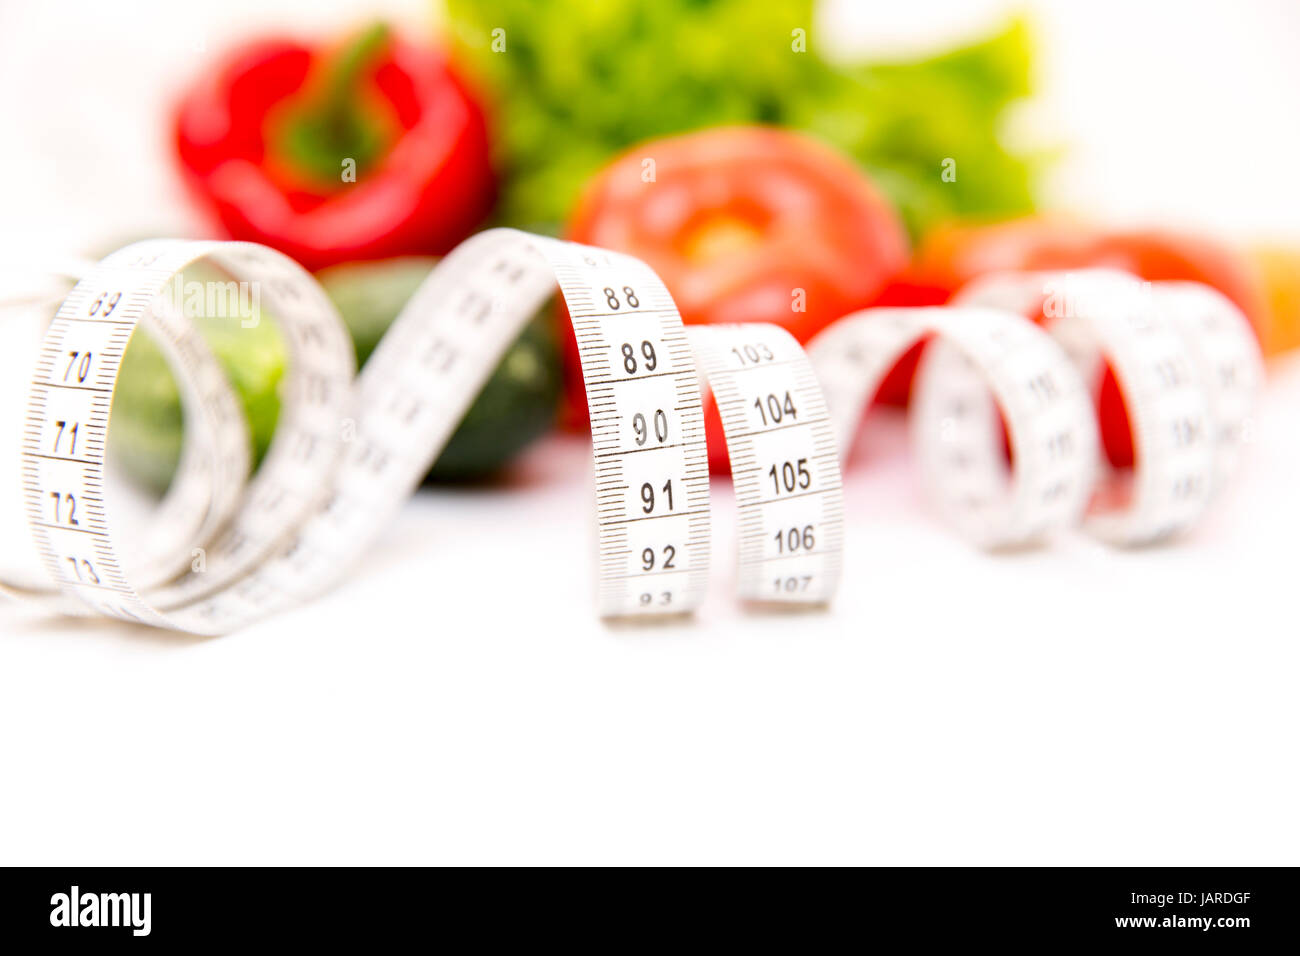 Fitness und gesunde Ernährung-Diät-Konzept. Frisches grünes Gemüse, Maßband isoliert auf Stockbild